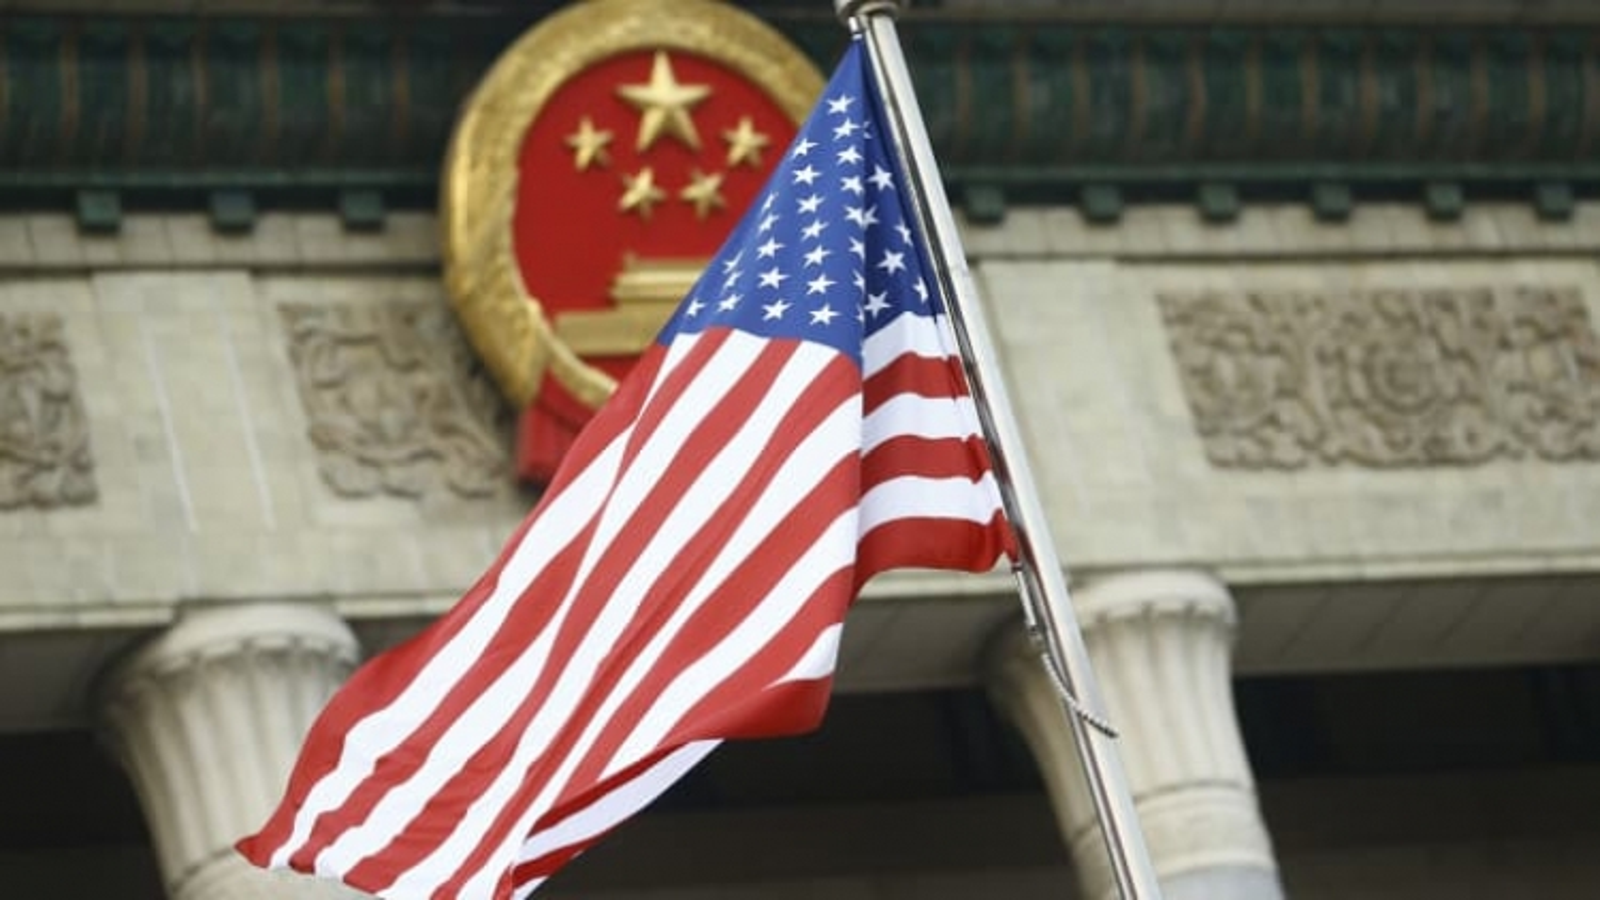 """Mỹ chuẩn bị chiến lược mới đối phó với thương mại """"bất công"""" của Trung Quốc"""